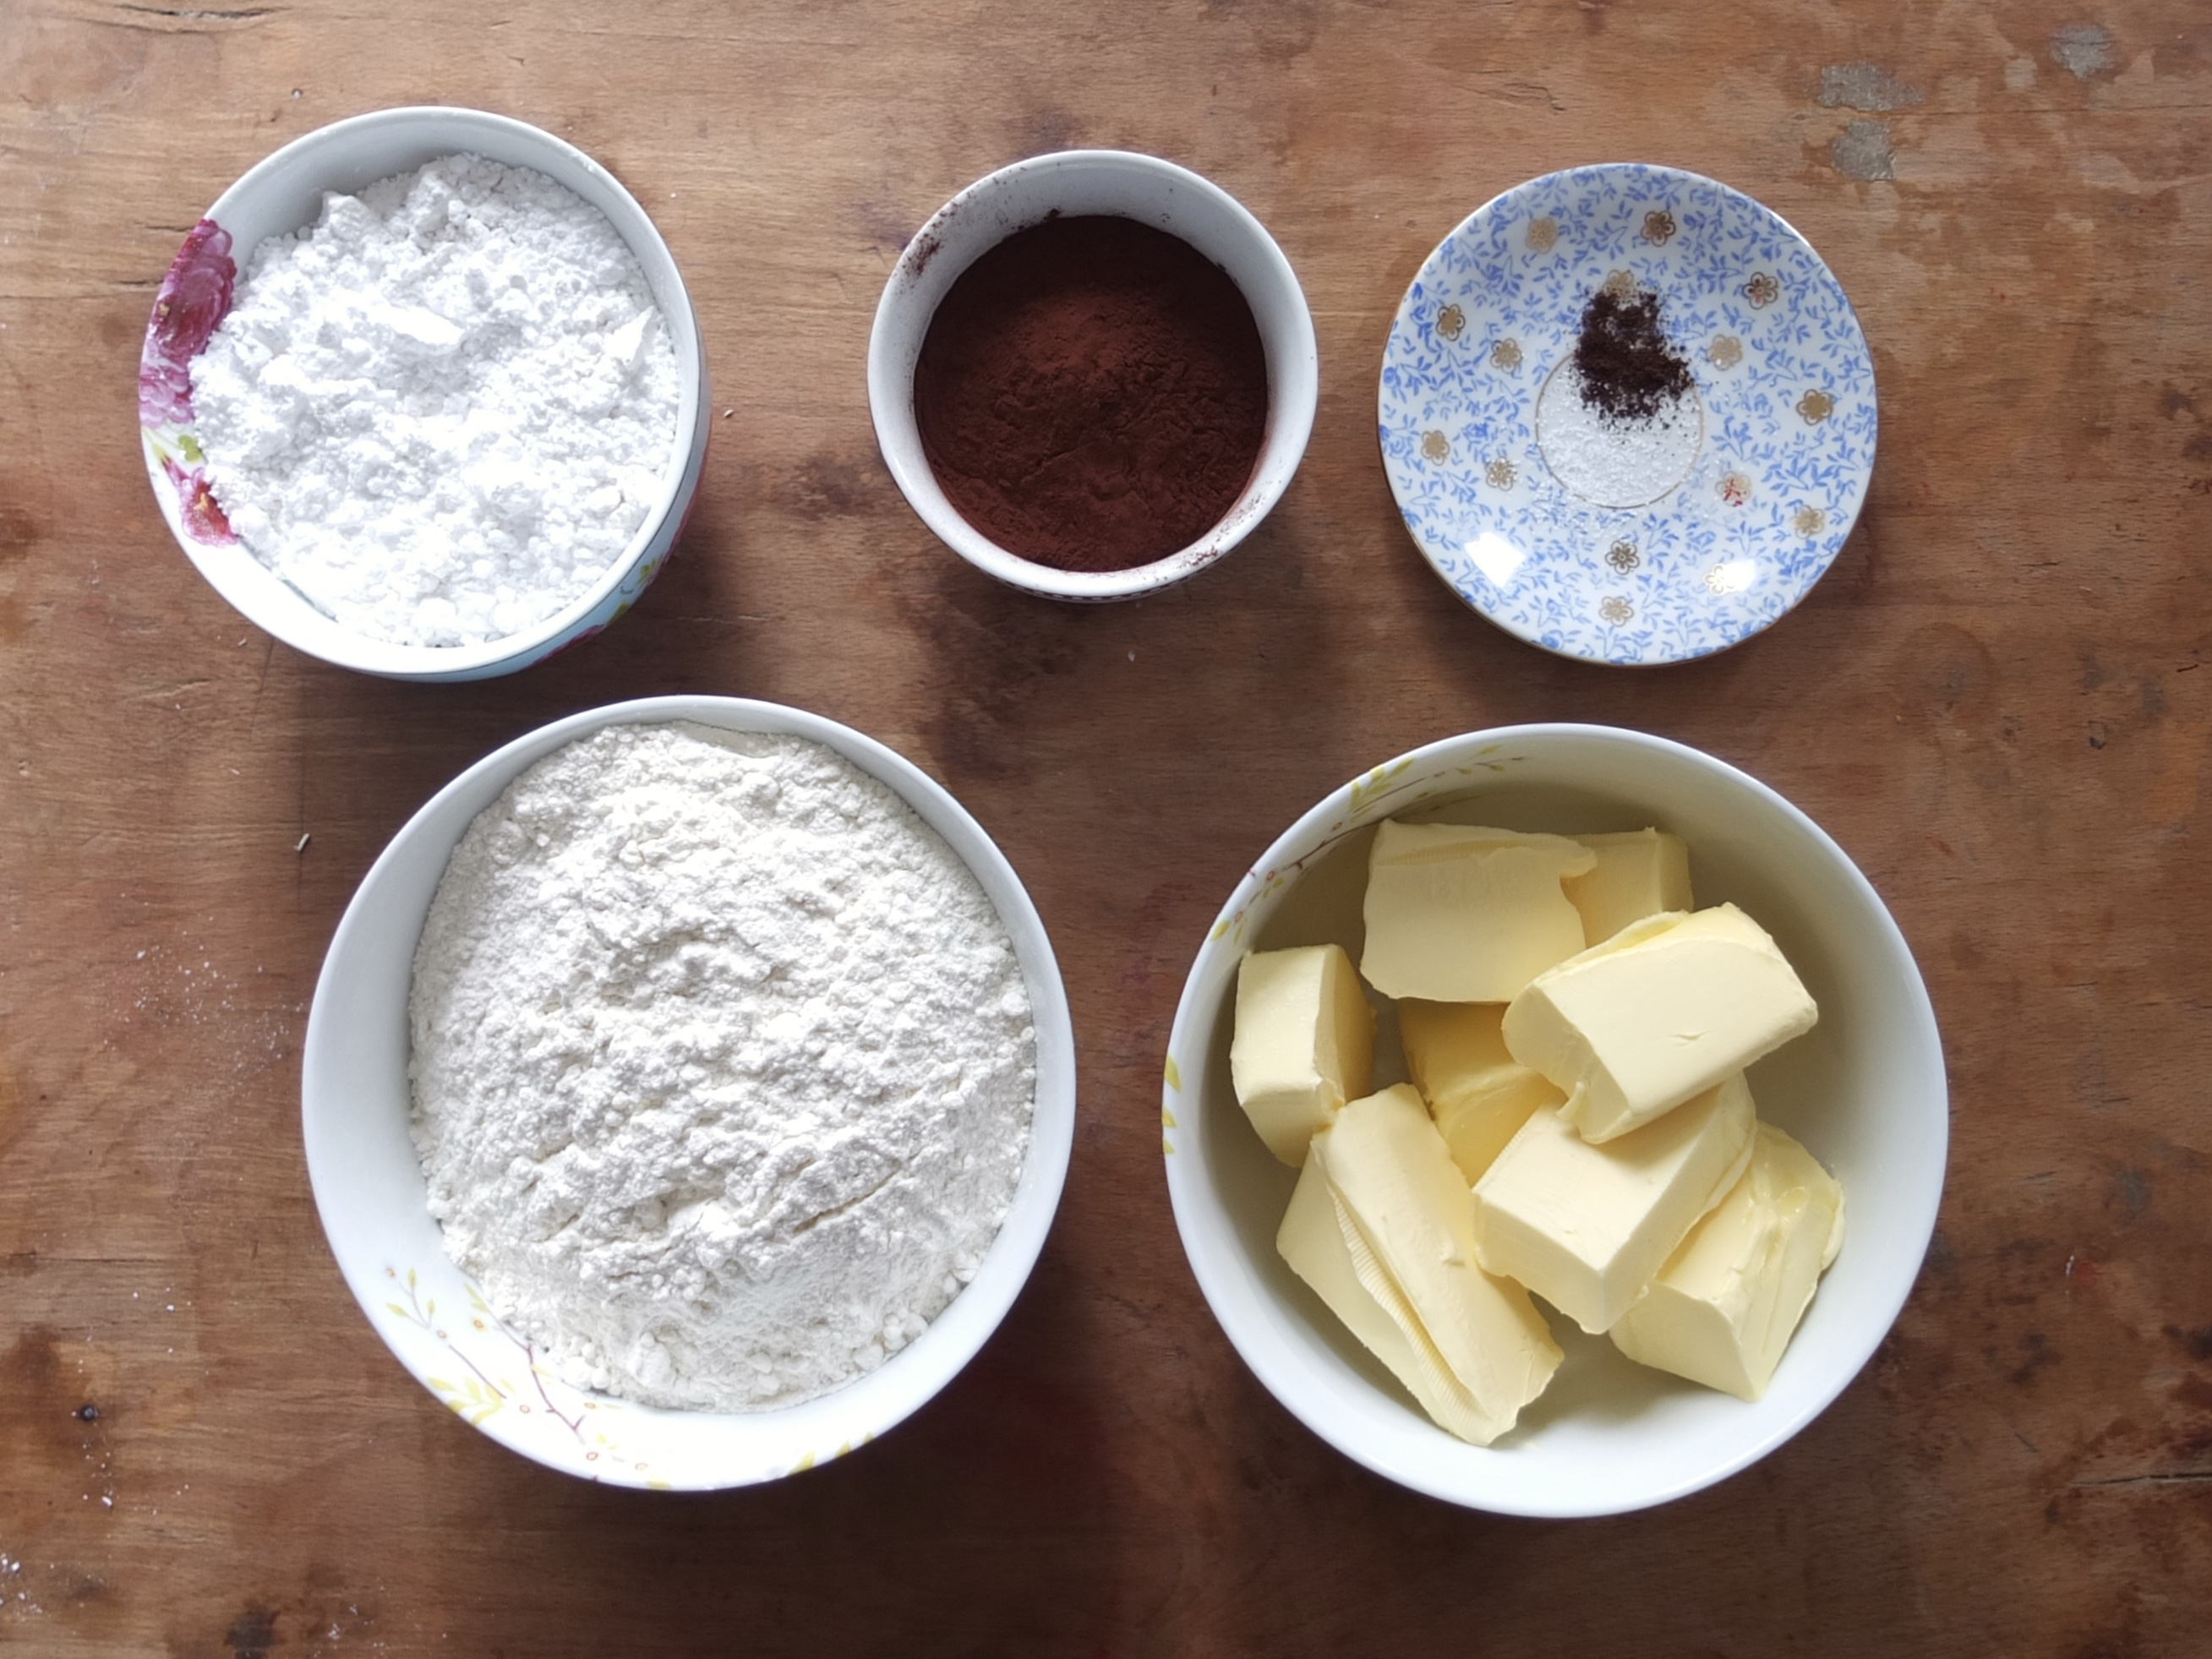 Zutaten für das Schwarz-Weiß-Gebäck | La Crema Patisserie Food- und Backblog